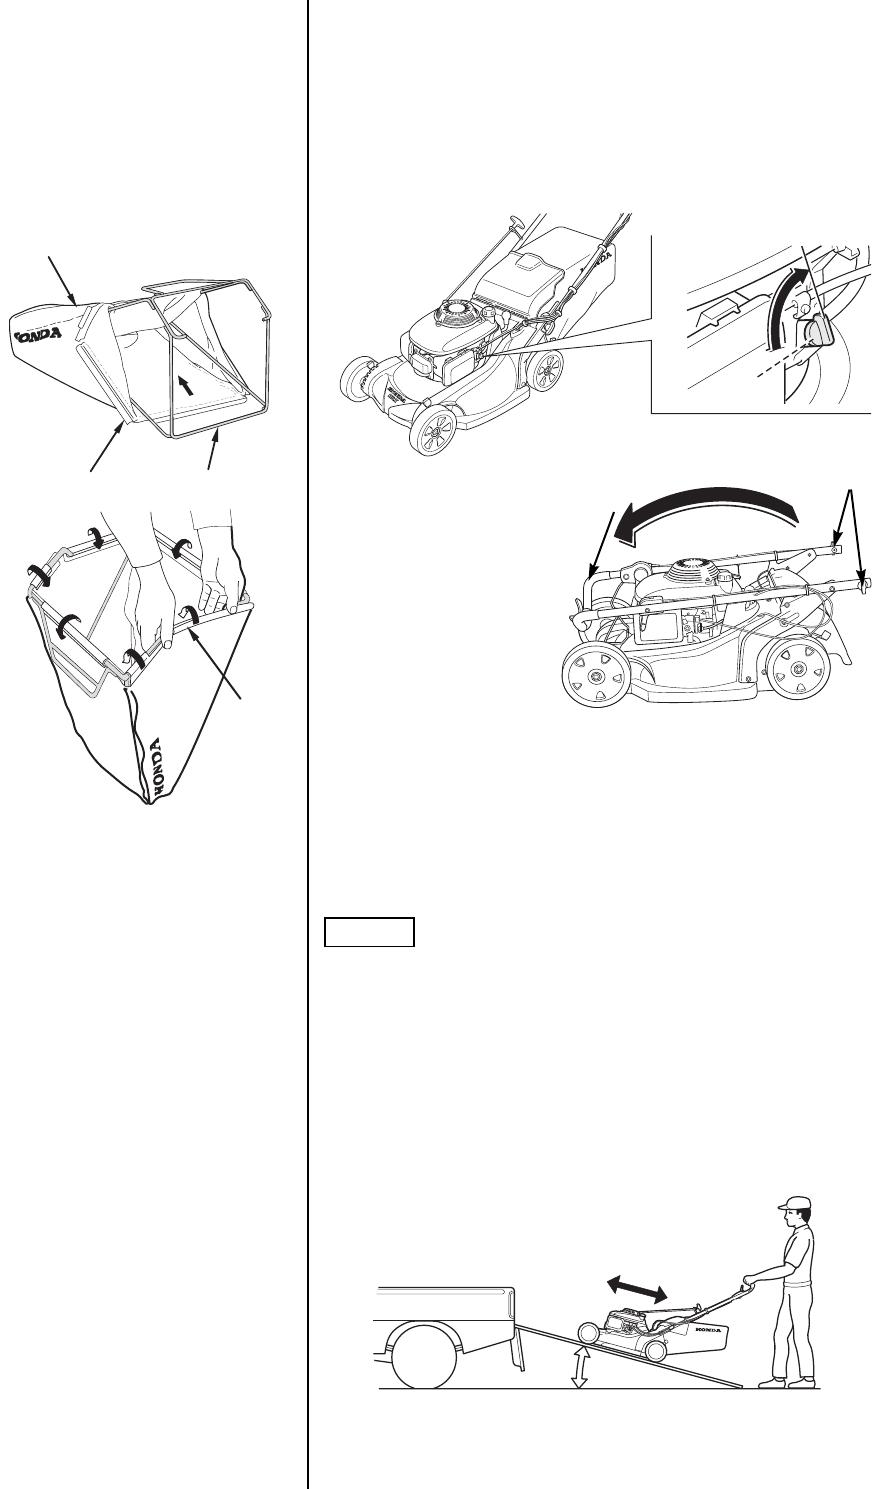 Handleiding Honda Hrx537 Pagina 19 Van 24 English Kau Kan Oil Cooler Wiring Diagram 17